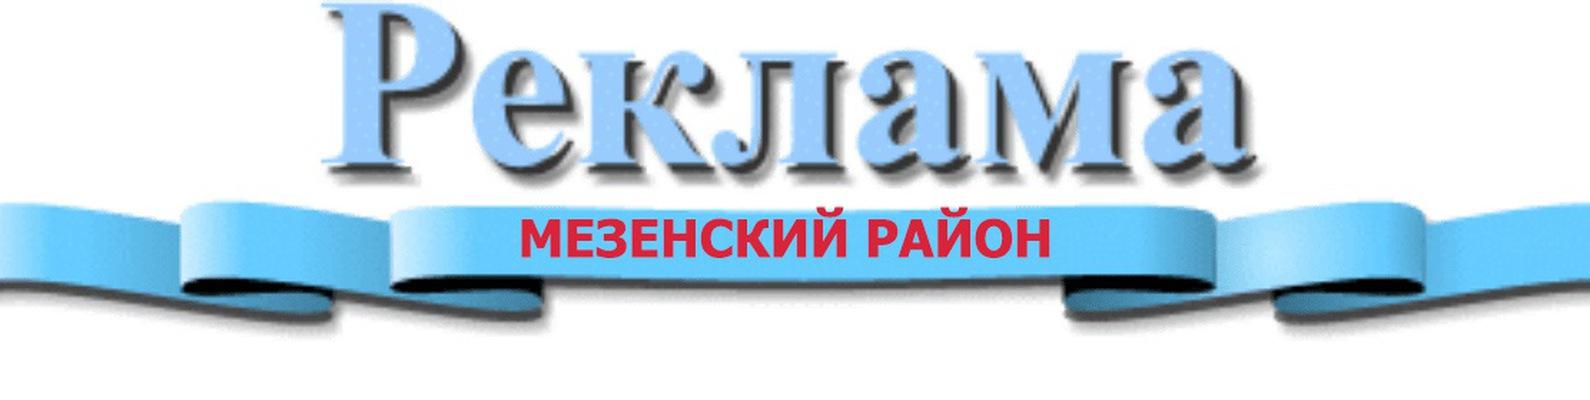 Поздравление, фото с надписью реклама